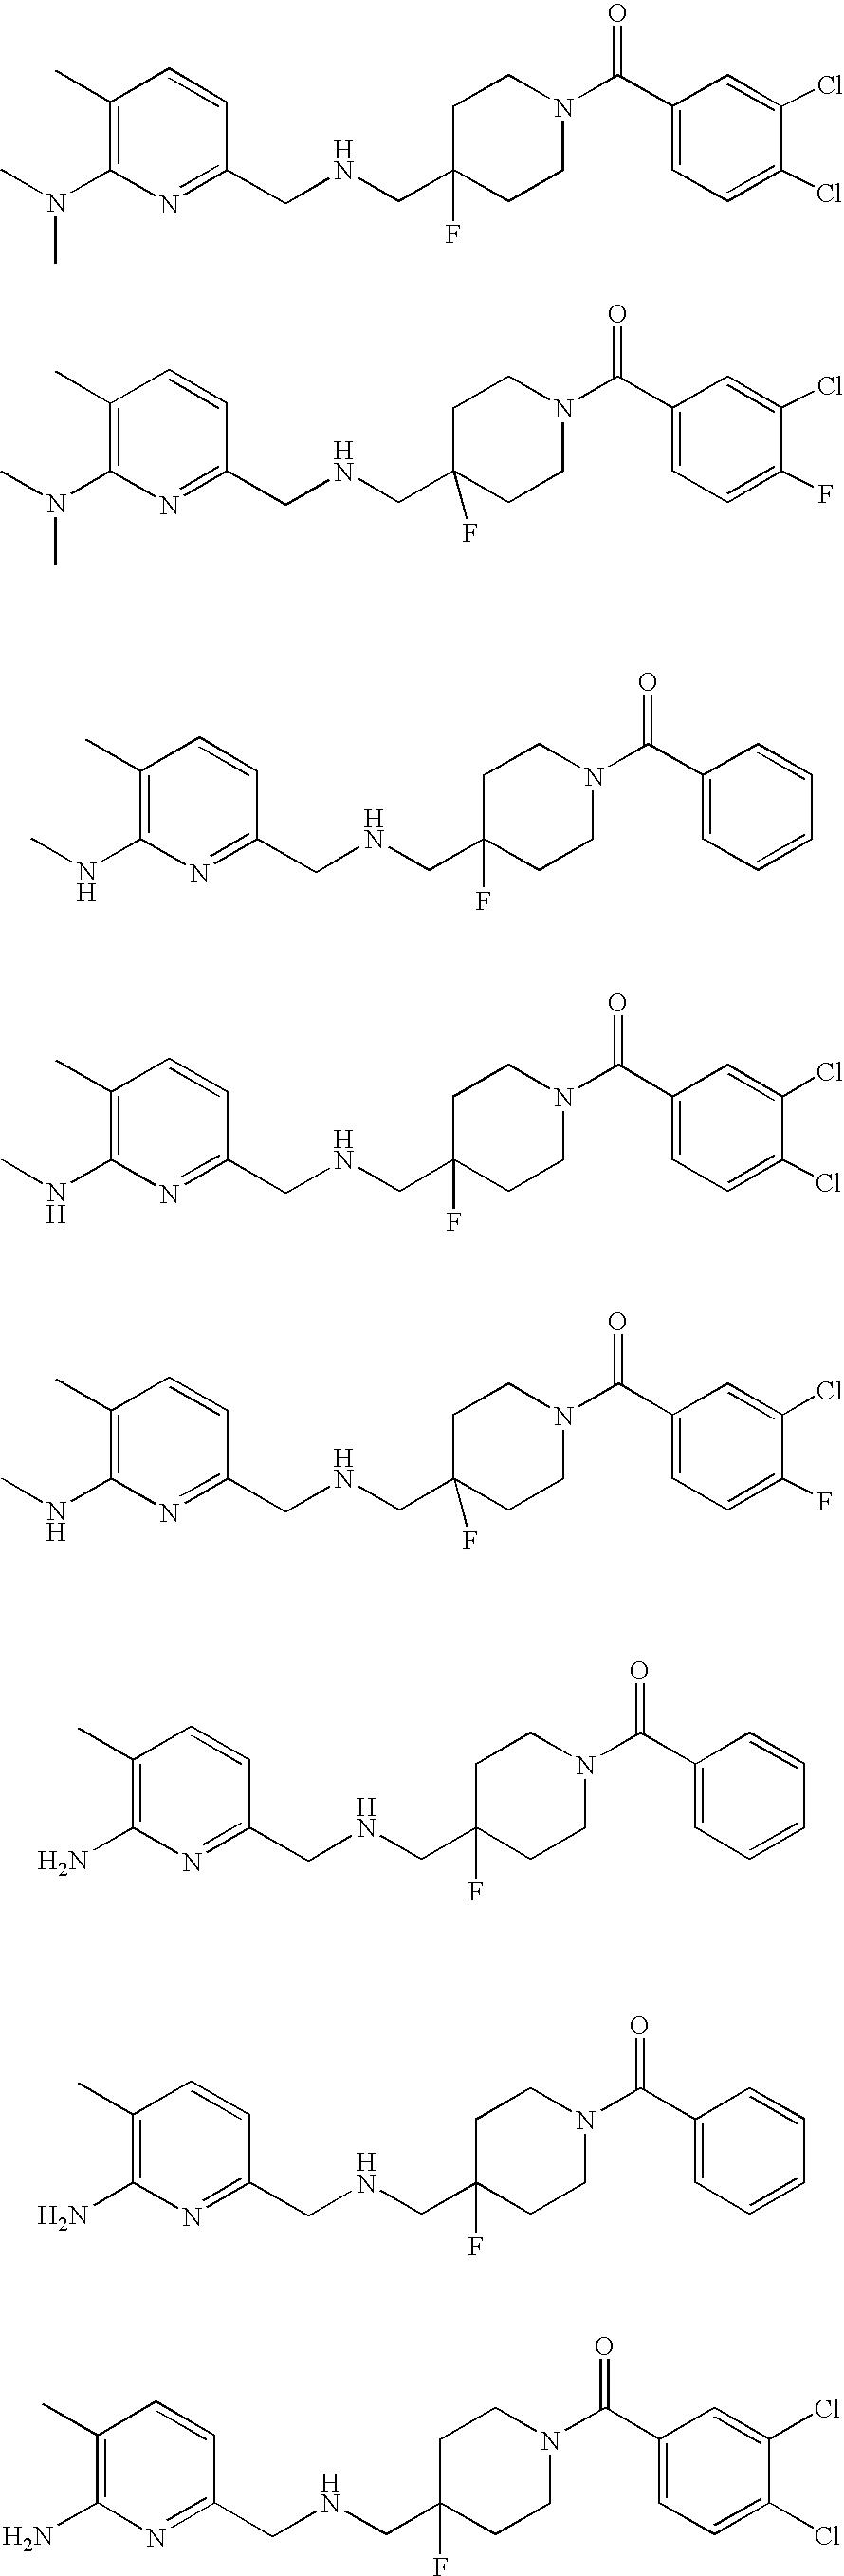 Figure US20100009983A1-20100114-C00213